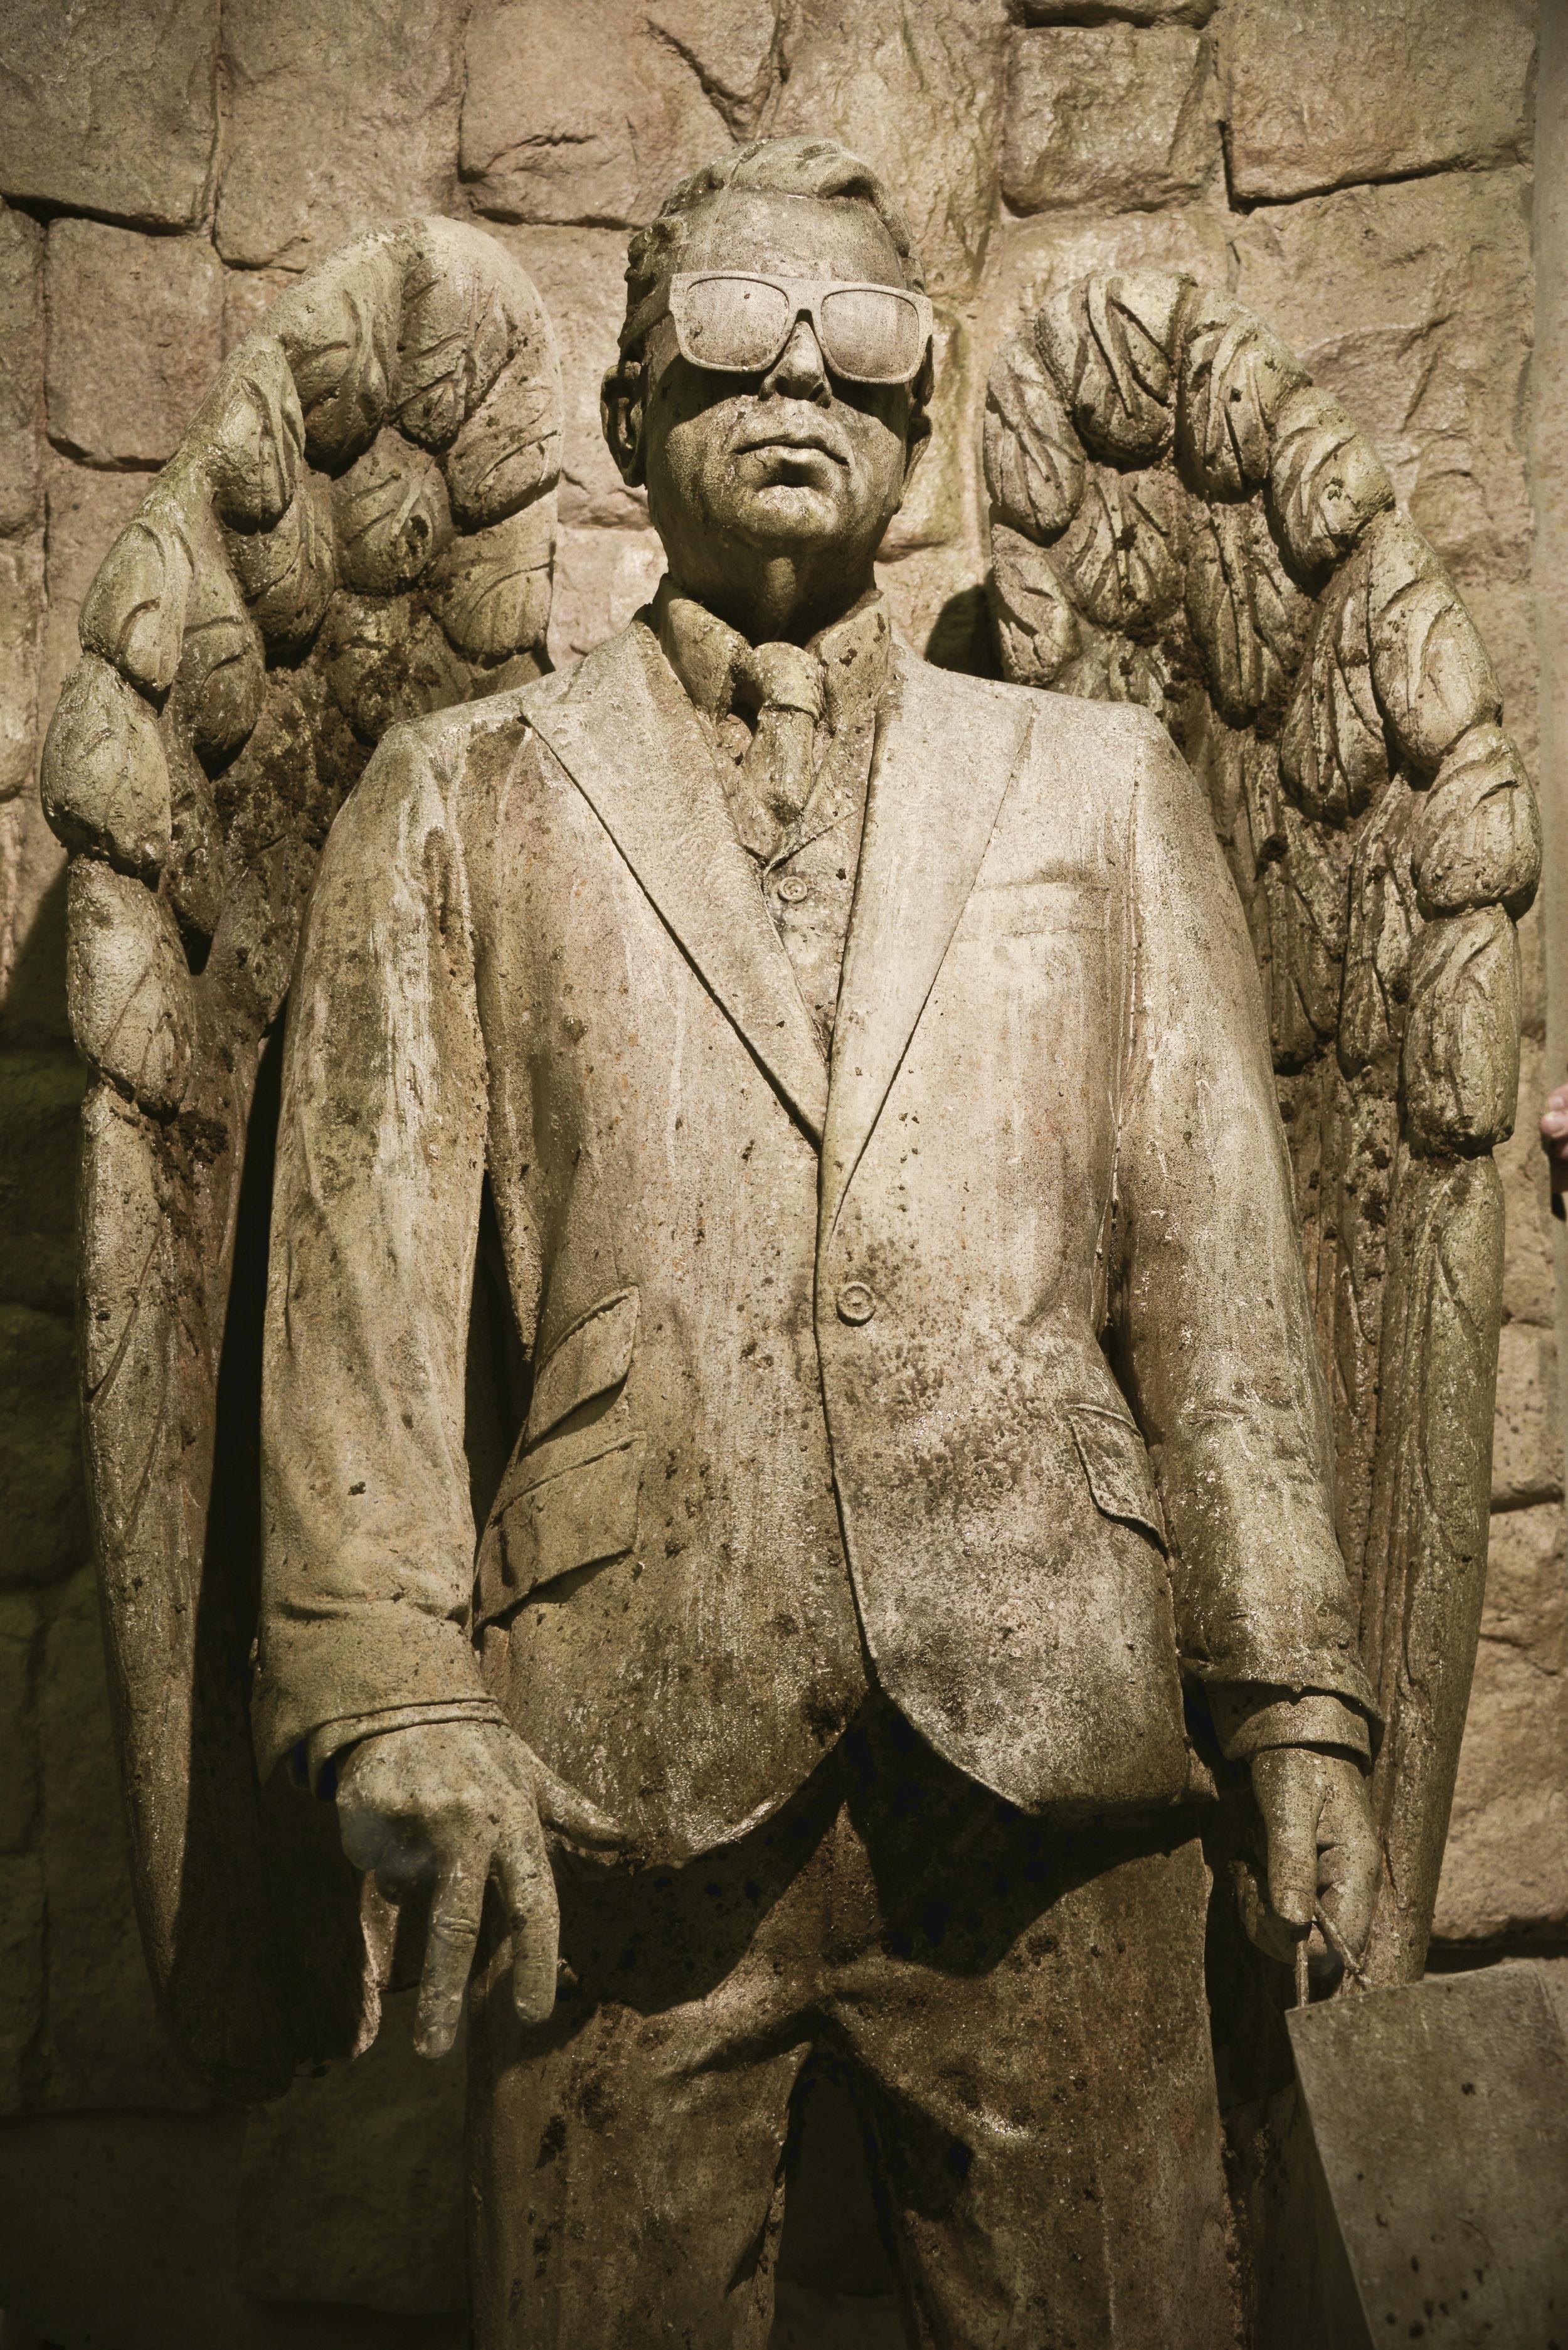 Gresham Blake's Angel of the North Laine